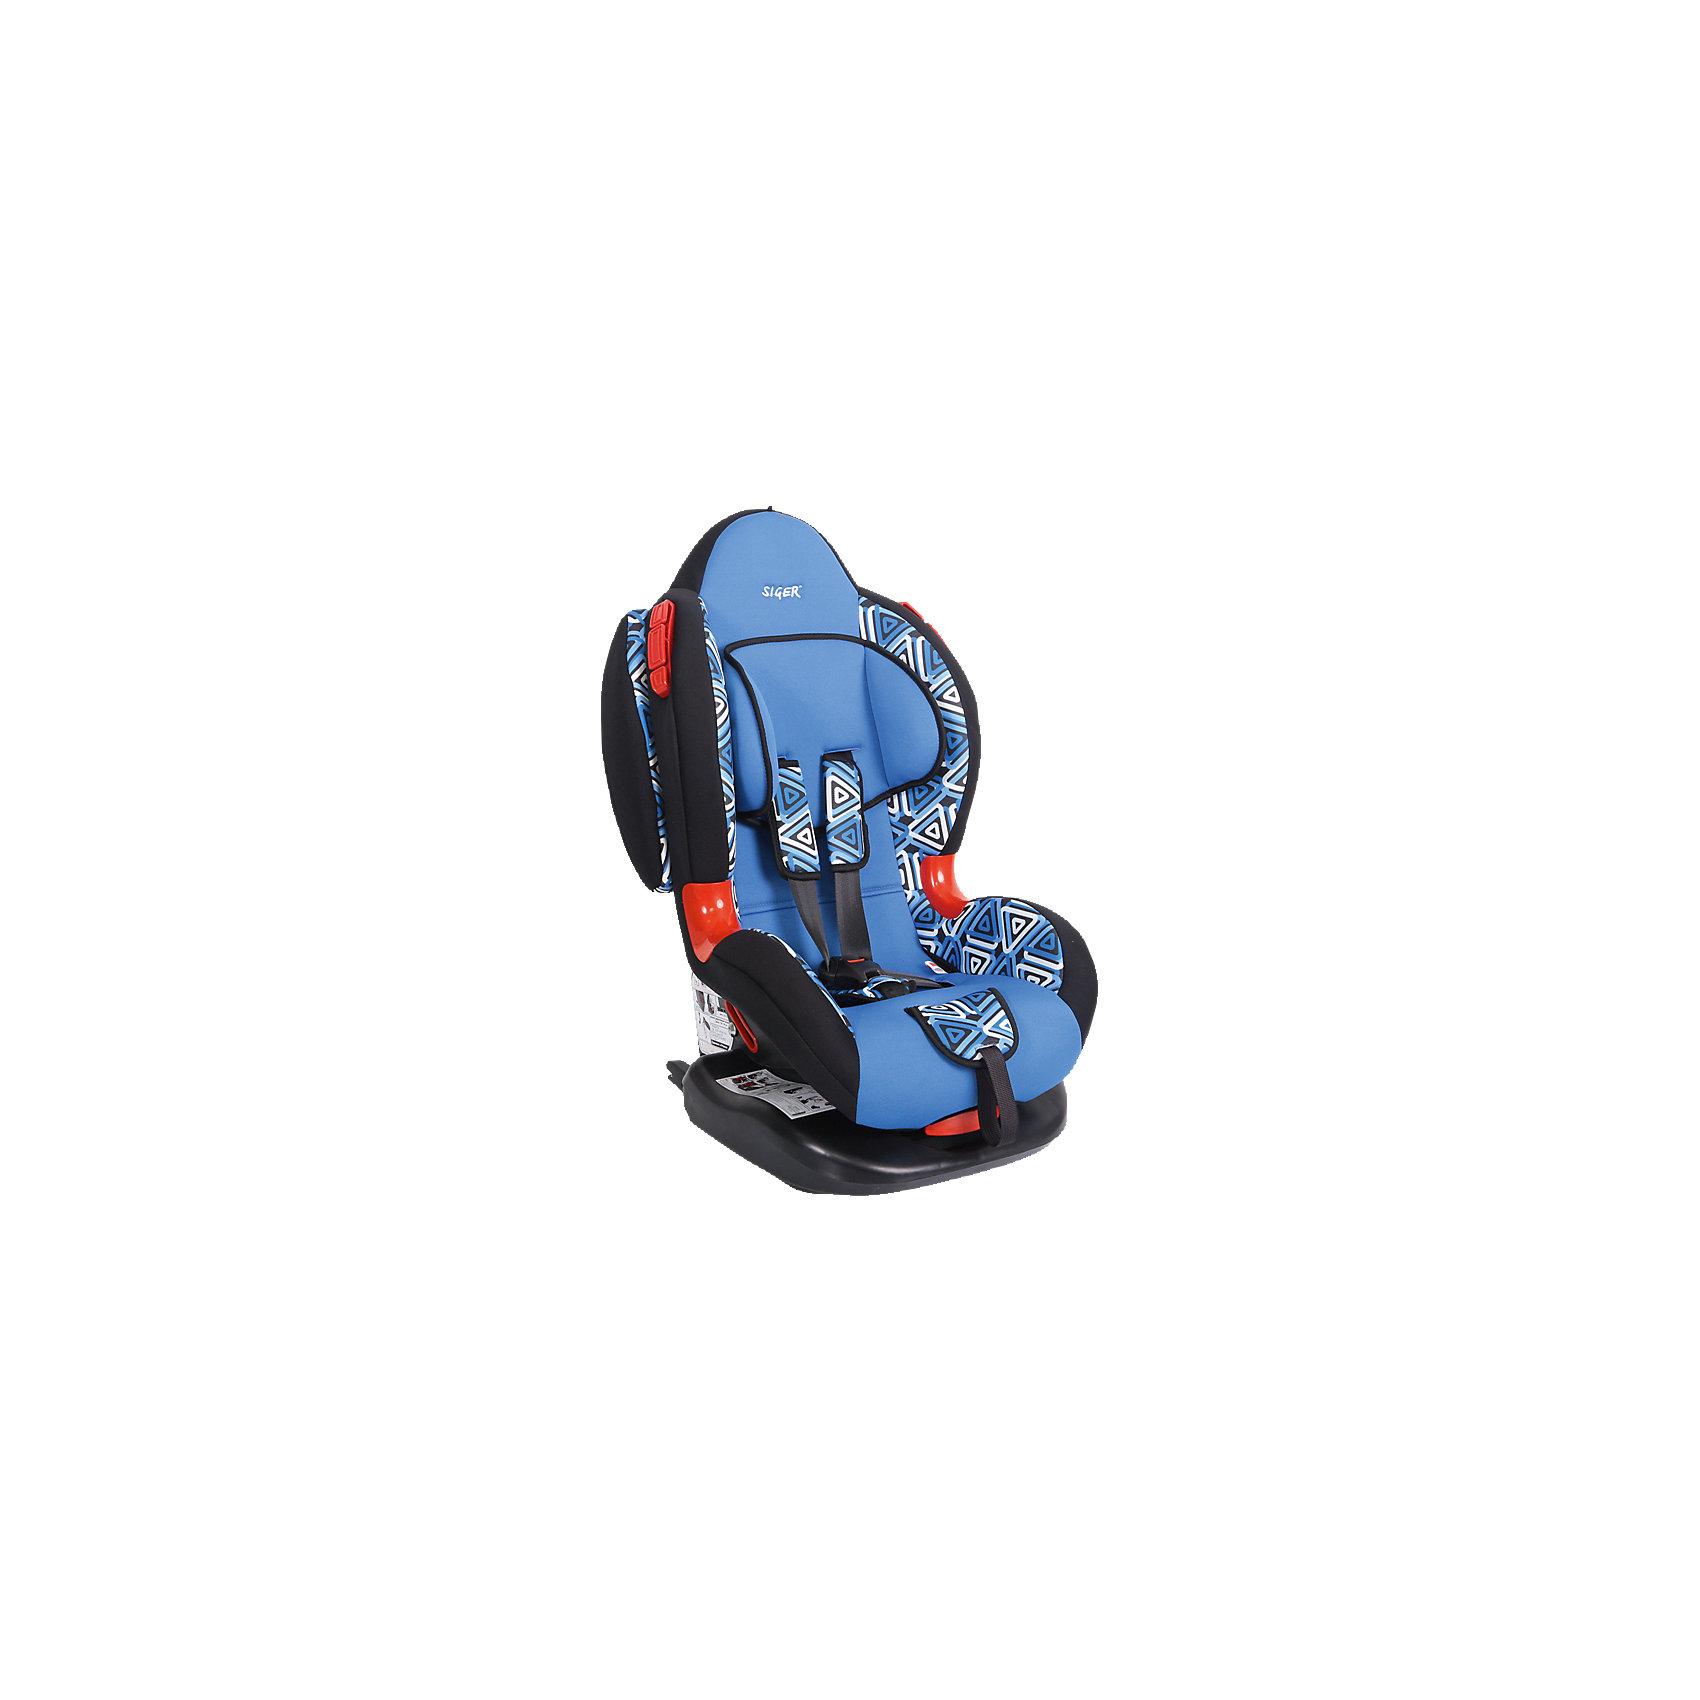 Автокресло Siger Кокон Art Isofix, 9-25 кг, геометрияГруппа 1-2 (От 9 до 25 кг)<br>Автокресло Кокон Art - прекрасный вариант для отдыха и путешествий для уже подросших малышей. Ортопедическая спинка, уникальная форма мягкого подголовника ,замок внутренних ремней с повышенной надежностью, 2 позиции прохождения штатного ремня обеспечивают удобство и надежную защиту вашего ребенка. Спинка регулируется в 6 положениях, что позволяет креслу адаптироваться под наклон сидений автомобиля. Округлая форма сиденья предохраняет ножки малышей от затекания и натирания в процессе езды. Модель имеет внутренние 5- титочечные ремни безопасности с мягкими внутренними накладками для еще большего комфорта. Износостойкие вставки для внутренних ремней для еще большей прочности и красоты. Кресло выполнено из высококачественных материалов, съемный  чехол прекрасно стирается в машине или же руками.<br><br>Дополнительная информация:<br><br>- Материал: пластик, текстиль.<br>- Вес ребенка: 9-25 кг. ( 1-7 лет).<br>- Группа 1-2.<br>- Ширина: 49 см.<br>- Глубина: 78 см.<br>- Глубина посадочного места: 50,5 см.<br>- Вес кресла: 8,4 кг.<br>- Регулировка ремней и плечевых лямок.<br>- 5- титочечные ремни безопасности.<br>- Ортопедическая спинка.<br>- Цвет: синий, принт - геометрия. <br>- Стирка: ручная, машинная ( при 30 ? ).<br>- Способ установки: лицом вперед.<br>- Ударопрочные боковые демпферы в комплектации «Изофикс (ISOFIX) плюс якорный ремень»<br><br>Автокресло Кокон Art Isofix, 9-25 кг., Siger (Сигер), геометрия можно купить в нашем магазине.<br><br>Ширина мм: 505<br>Глубина мм: 490<br>Высота мм: 780<br>Вес г: 8400<br>Возраст от месяцев: 12<br>Возраст до месяцев: 84<br>Пол: Унисекс<br>Возраст: Детский<br>SKU: 3999736